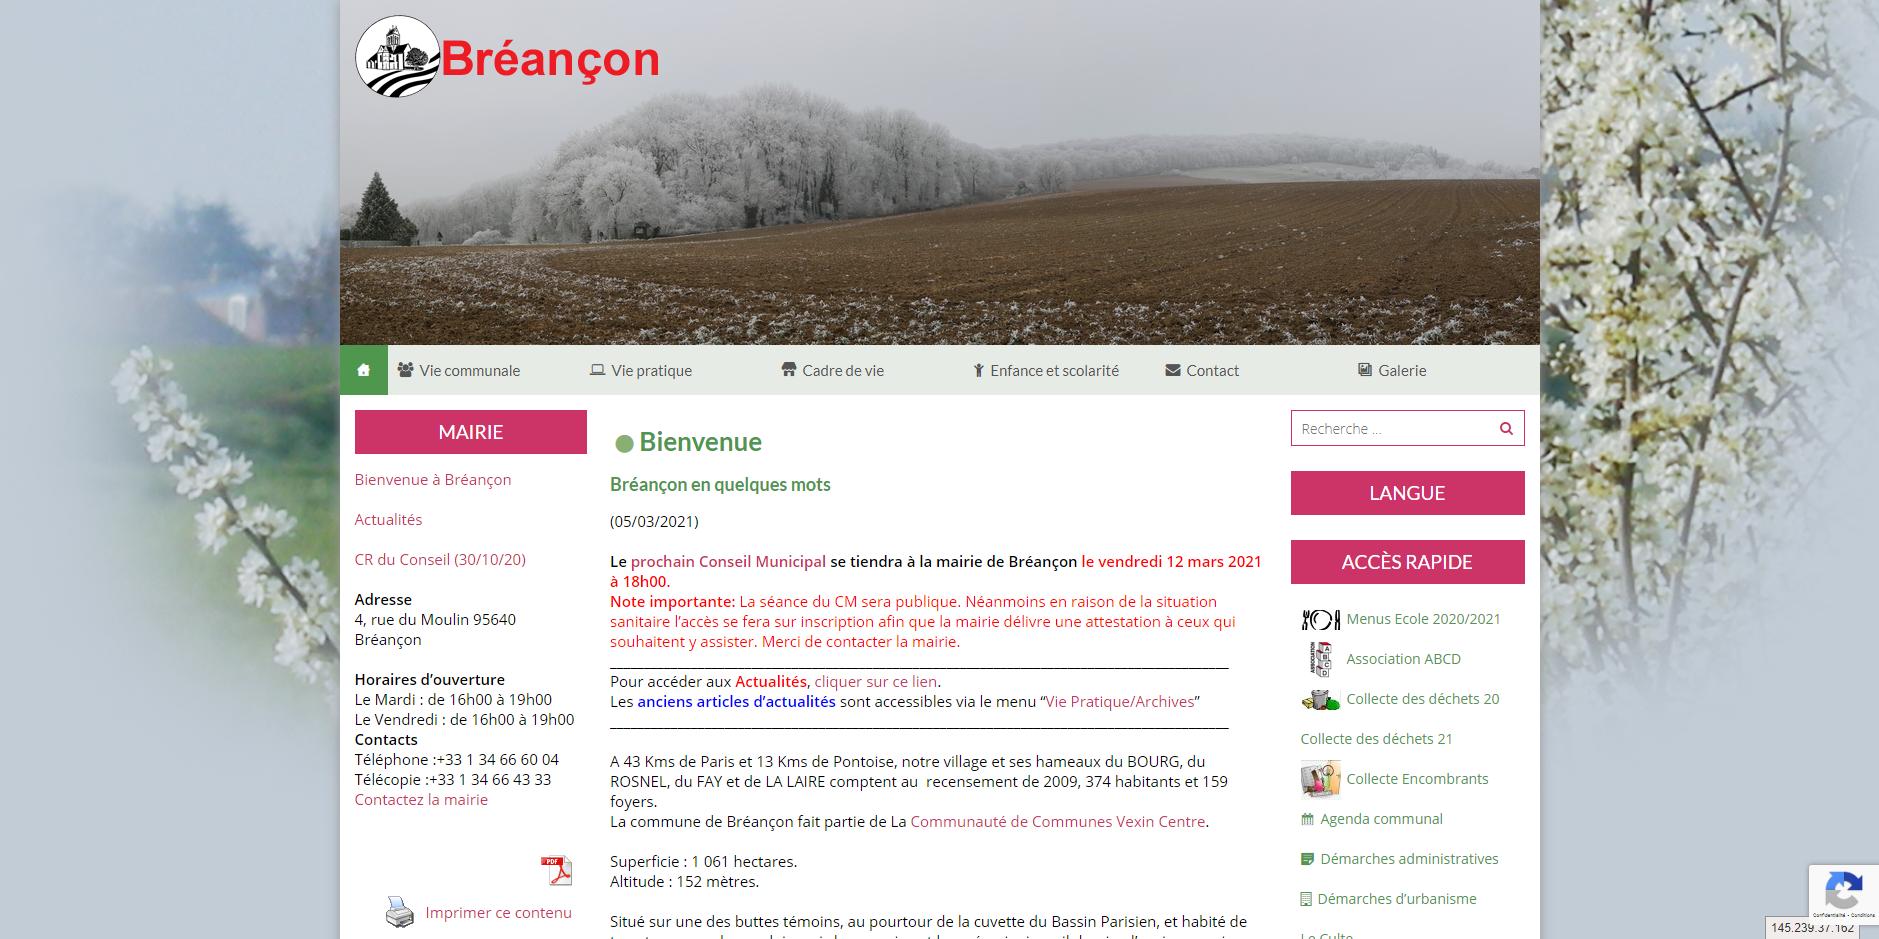 site de Breancon